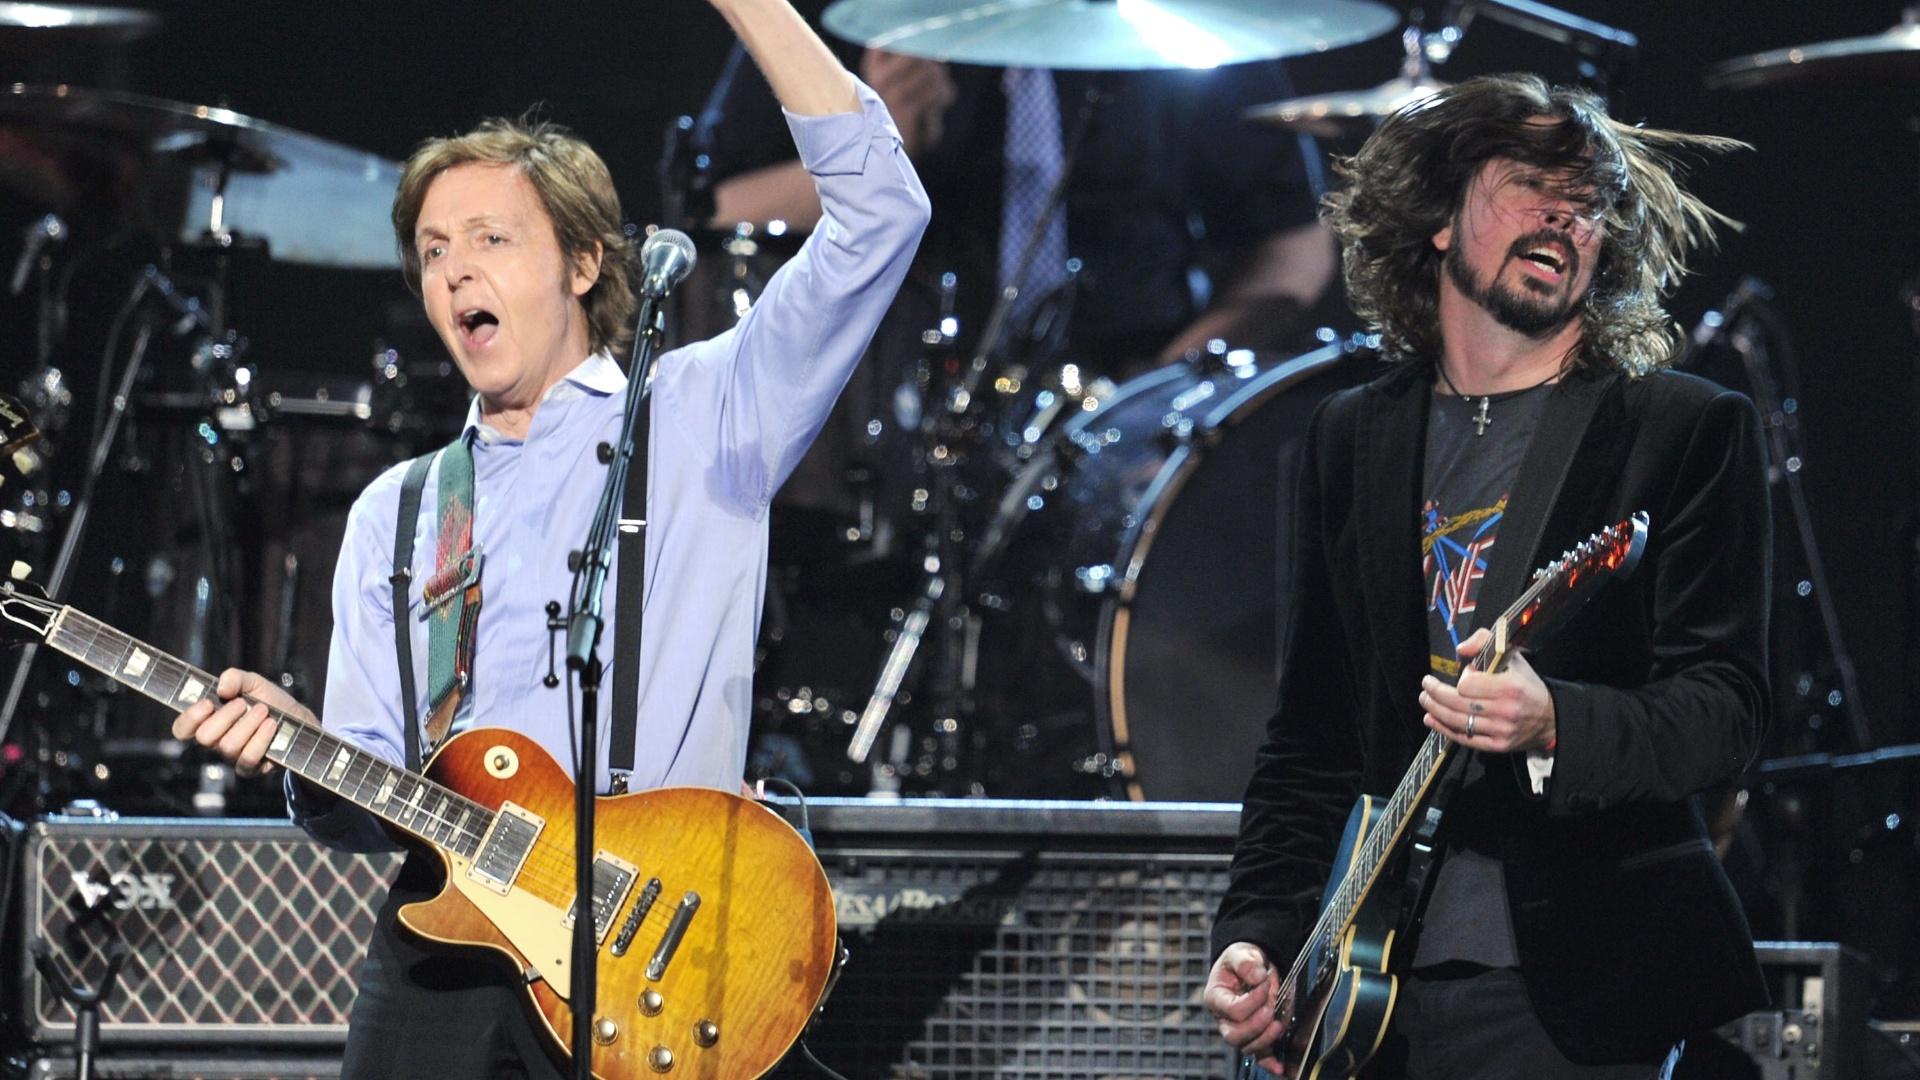 12.fev.2012 - Paul McCartney e Dave Grohl se apresentam juntos na 54ª edição do Grammy Awards, em Los Angeles